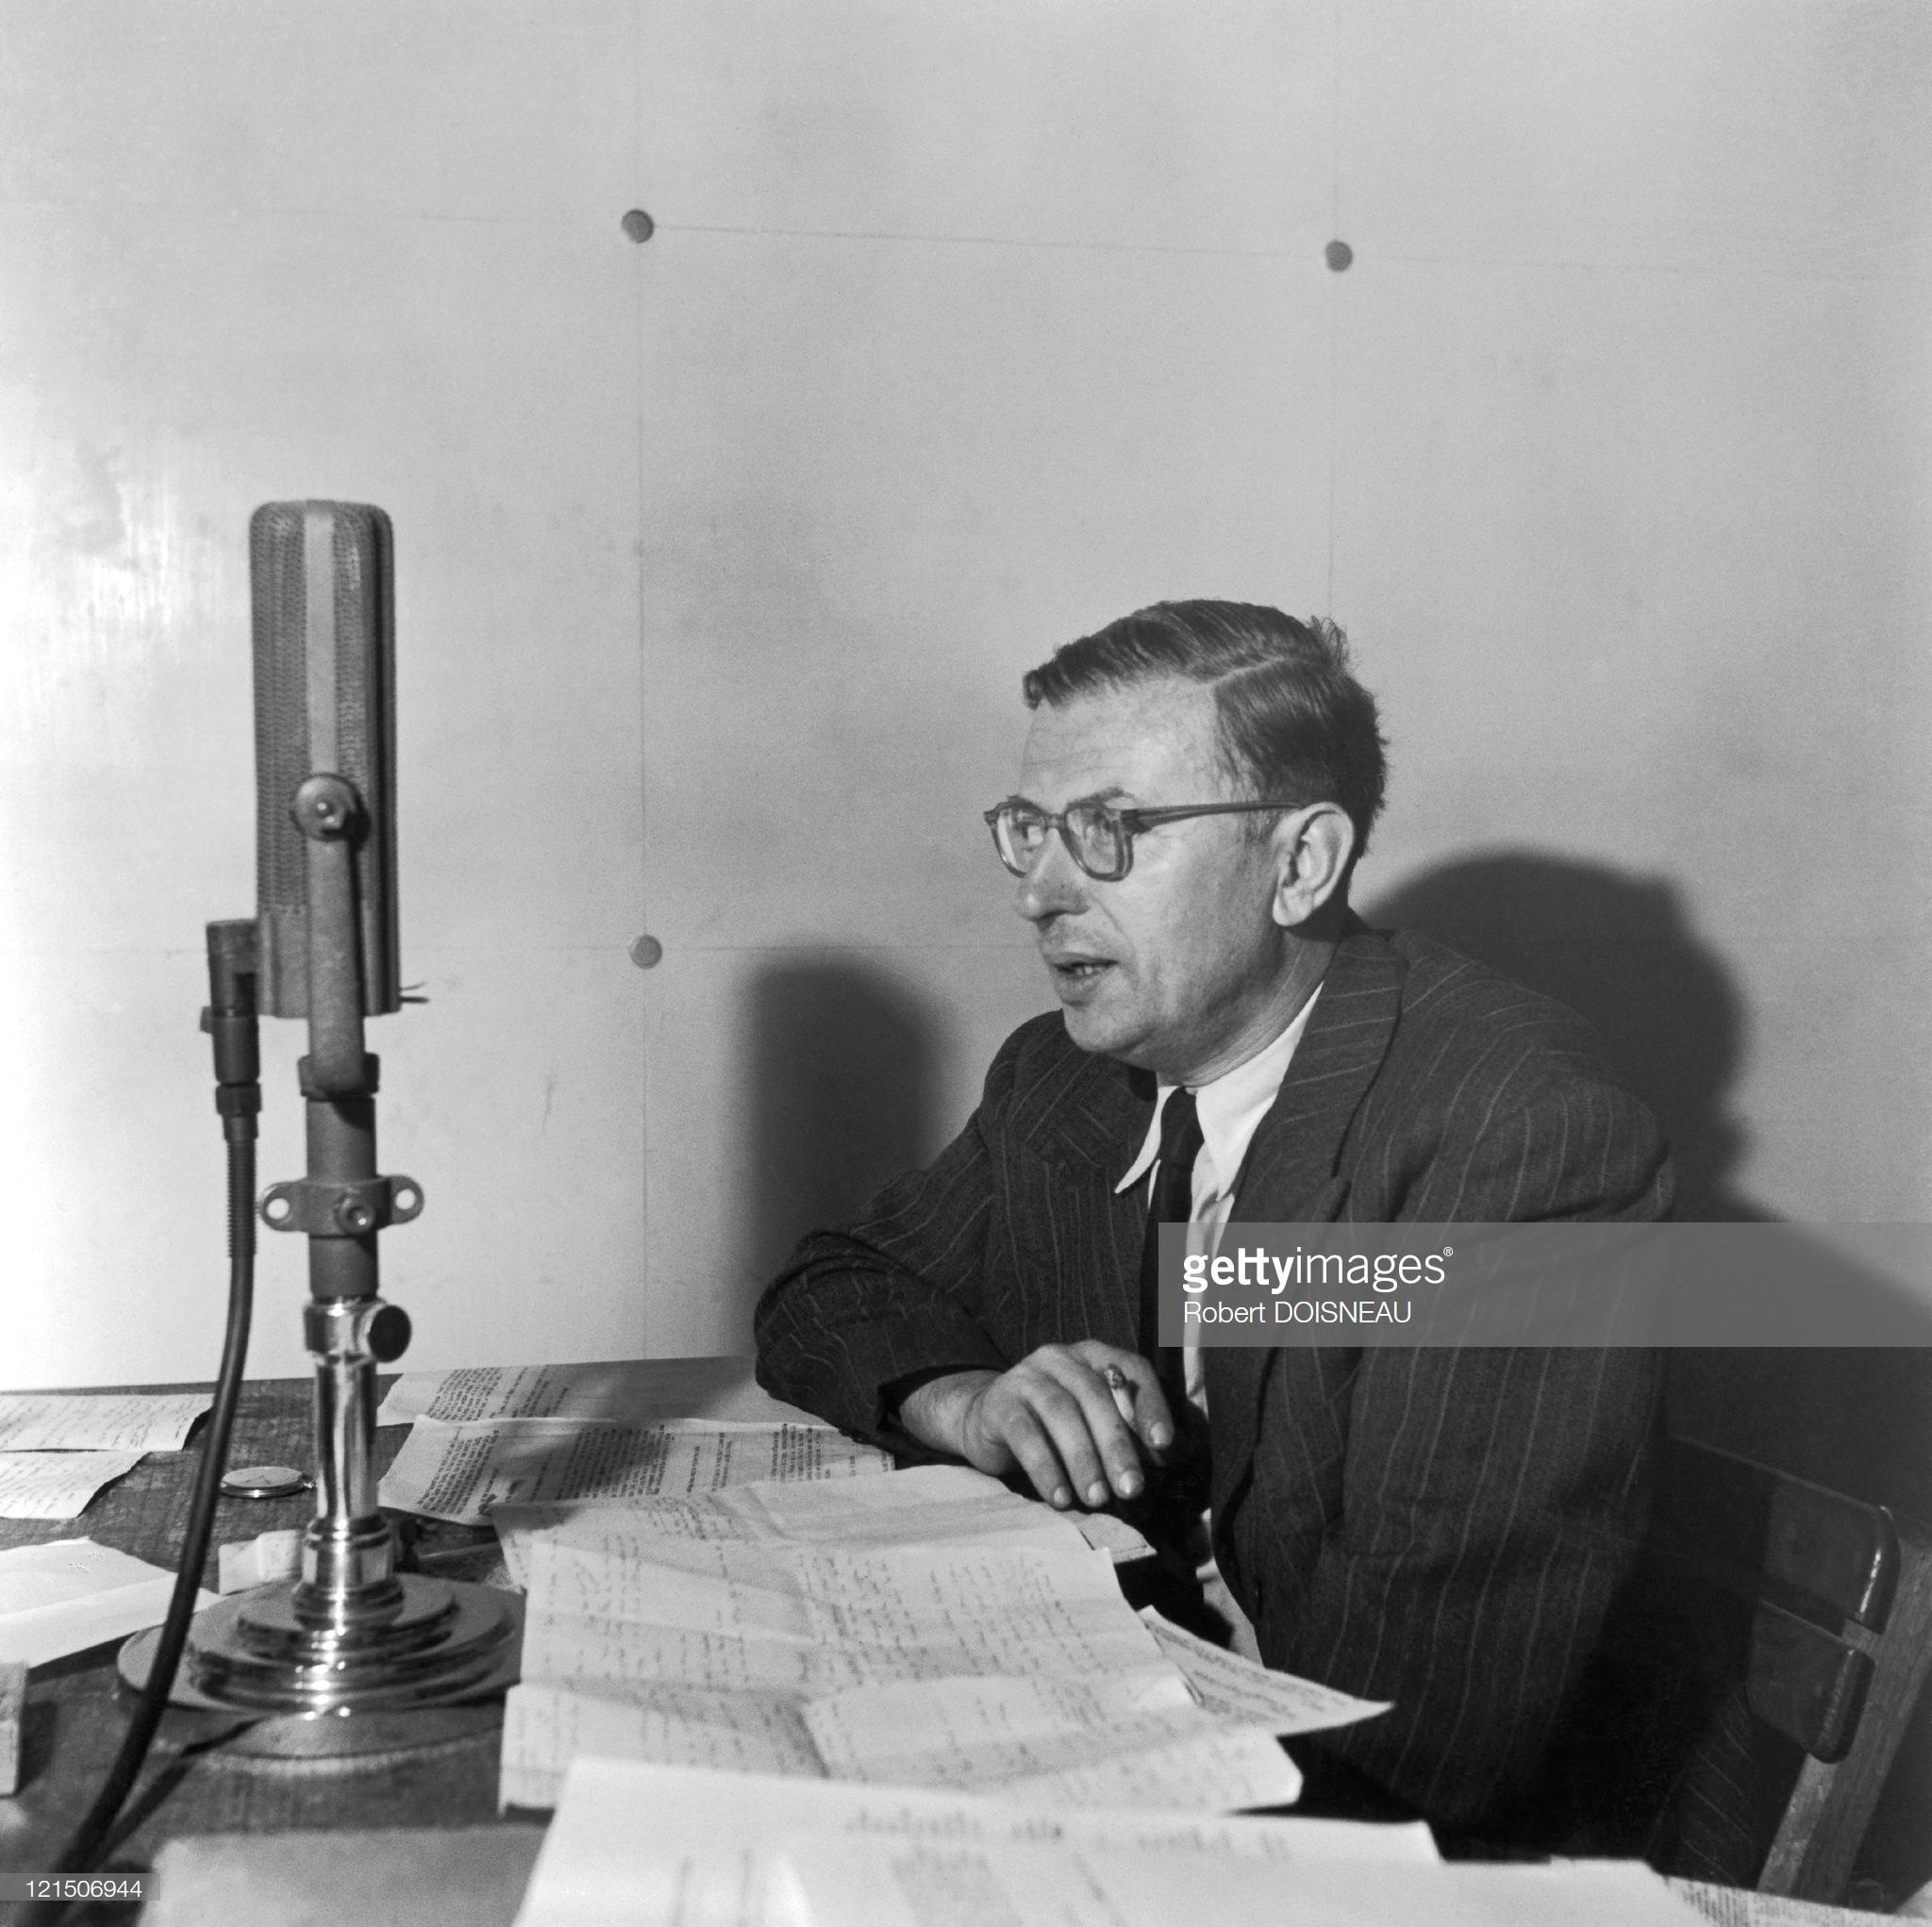 1946. Жан-Поль Сартр, писатель и философ